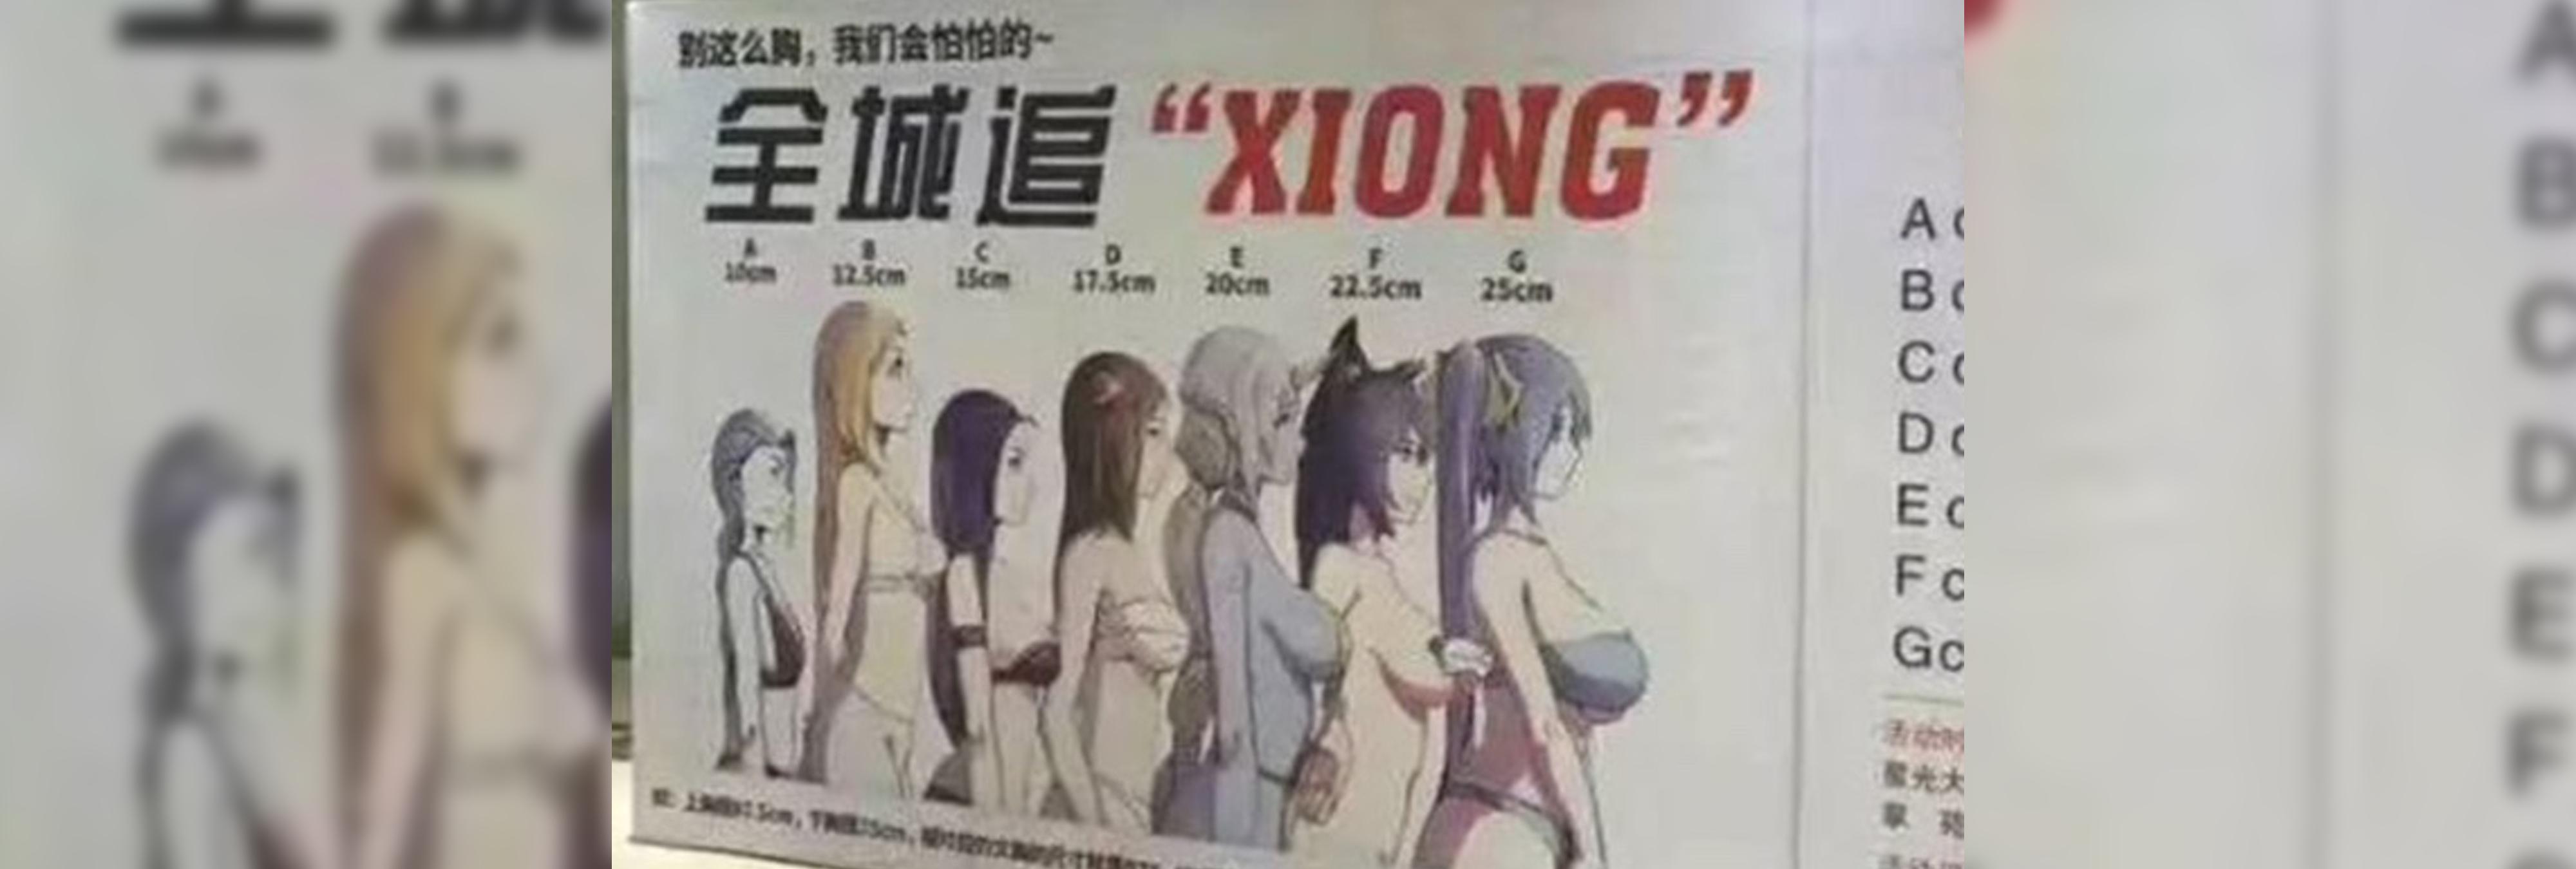 Un restaurante chino ofrece descuentos a mujeres según el tamaño de sus pechos